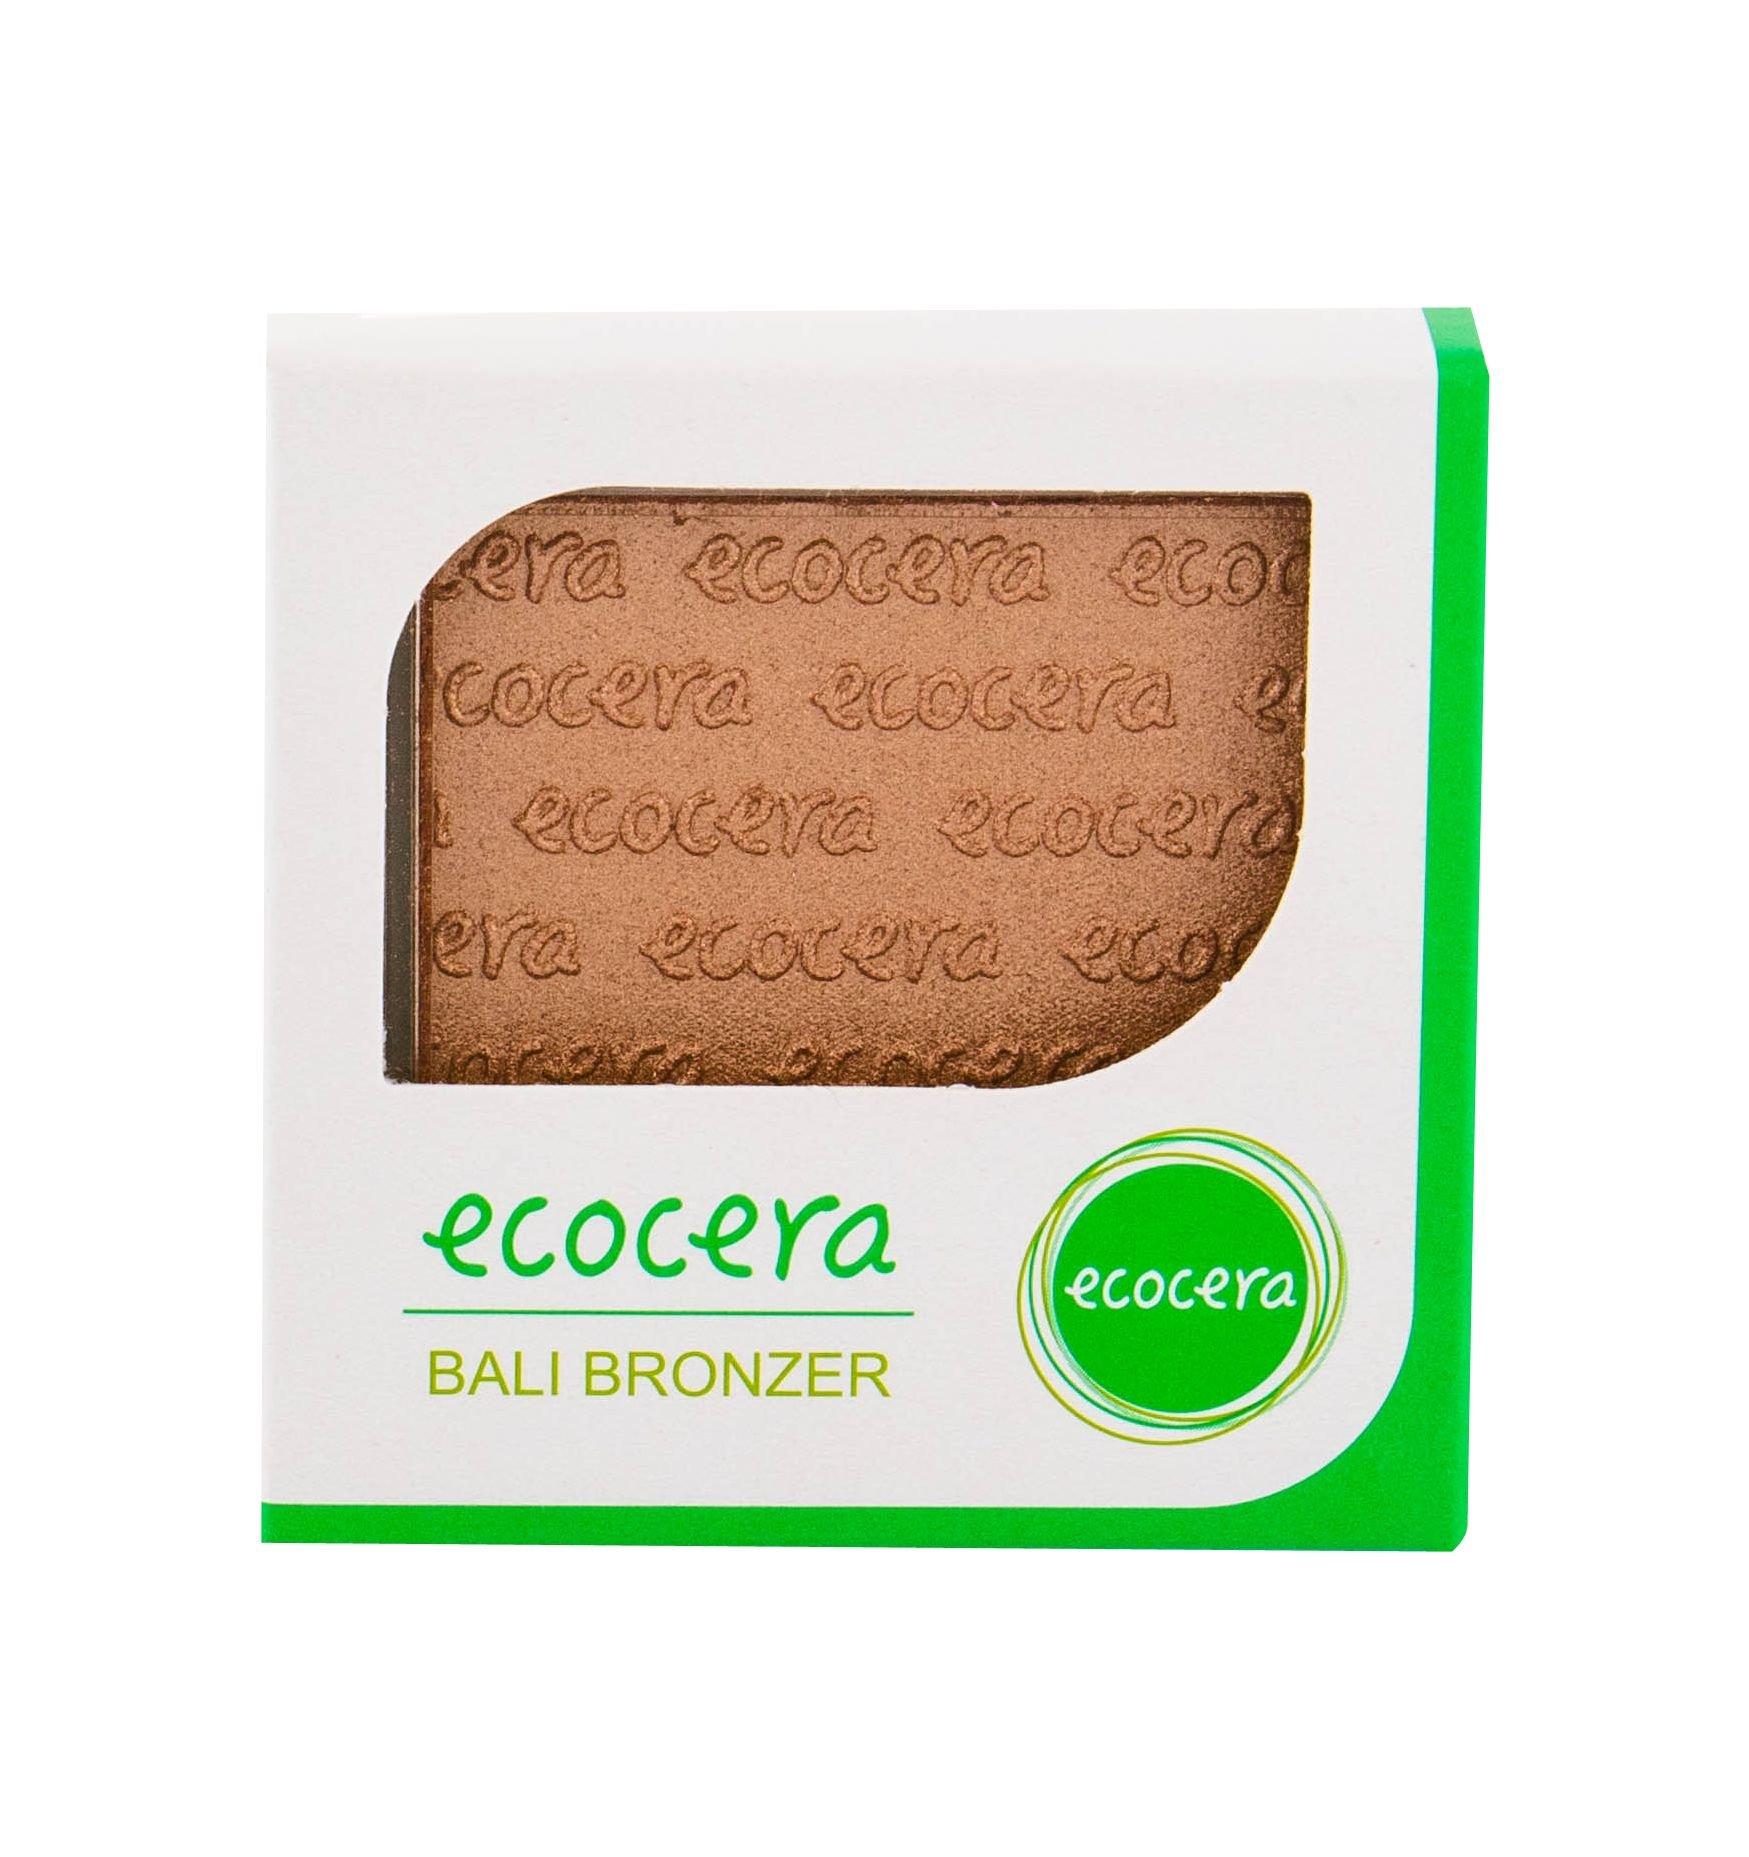 Ecocera Bronzer Bronzer 10ml Bali